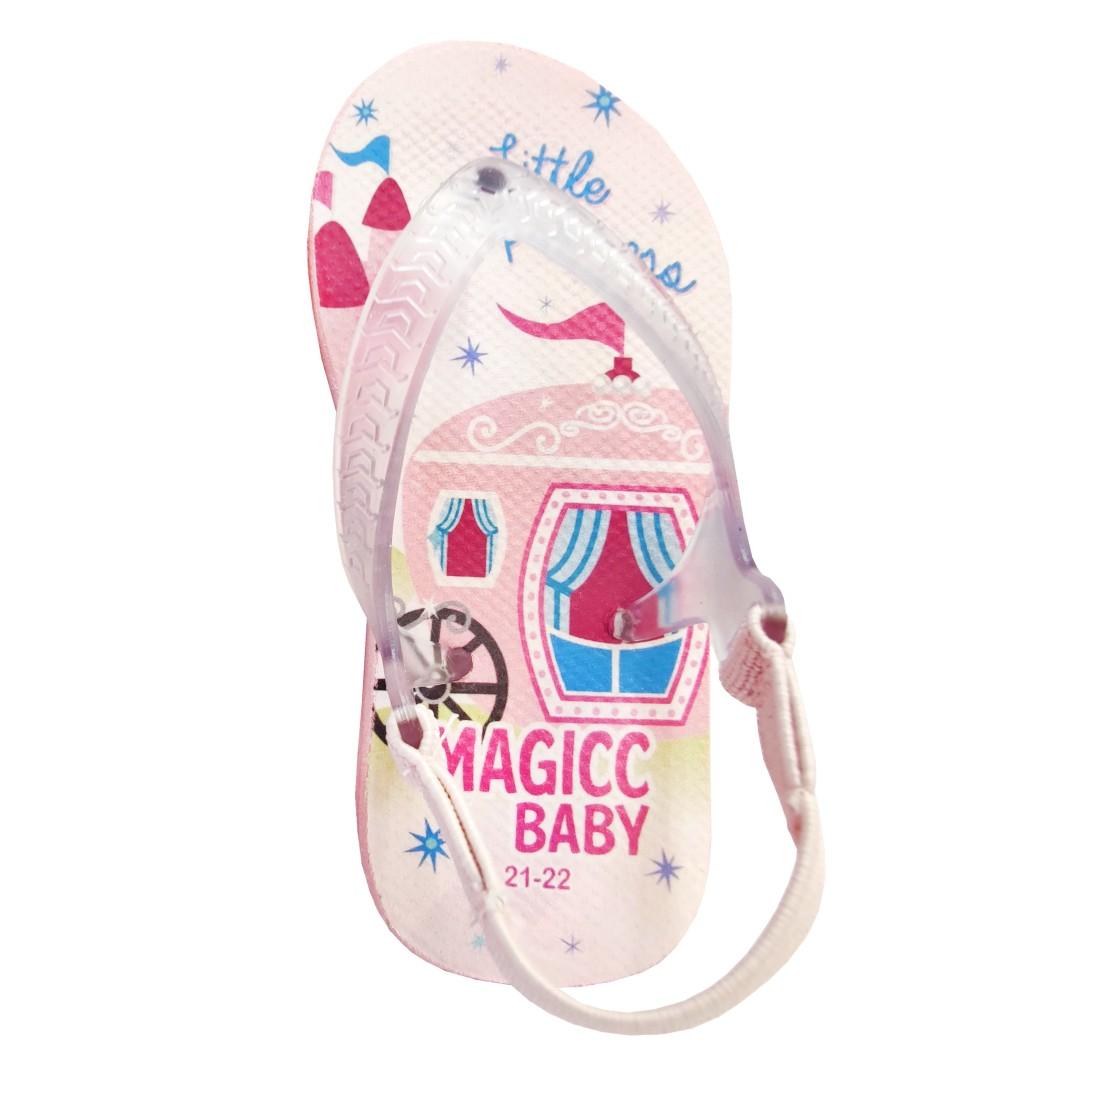 Chinelo Menina Bebê Sandália Princesinha Carruagem Magicc Baby